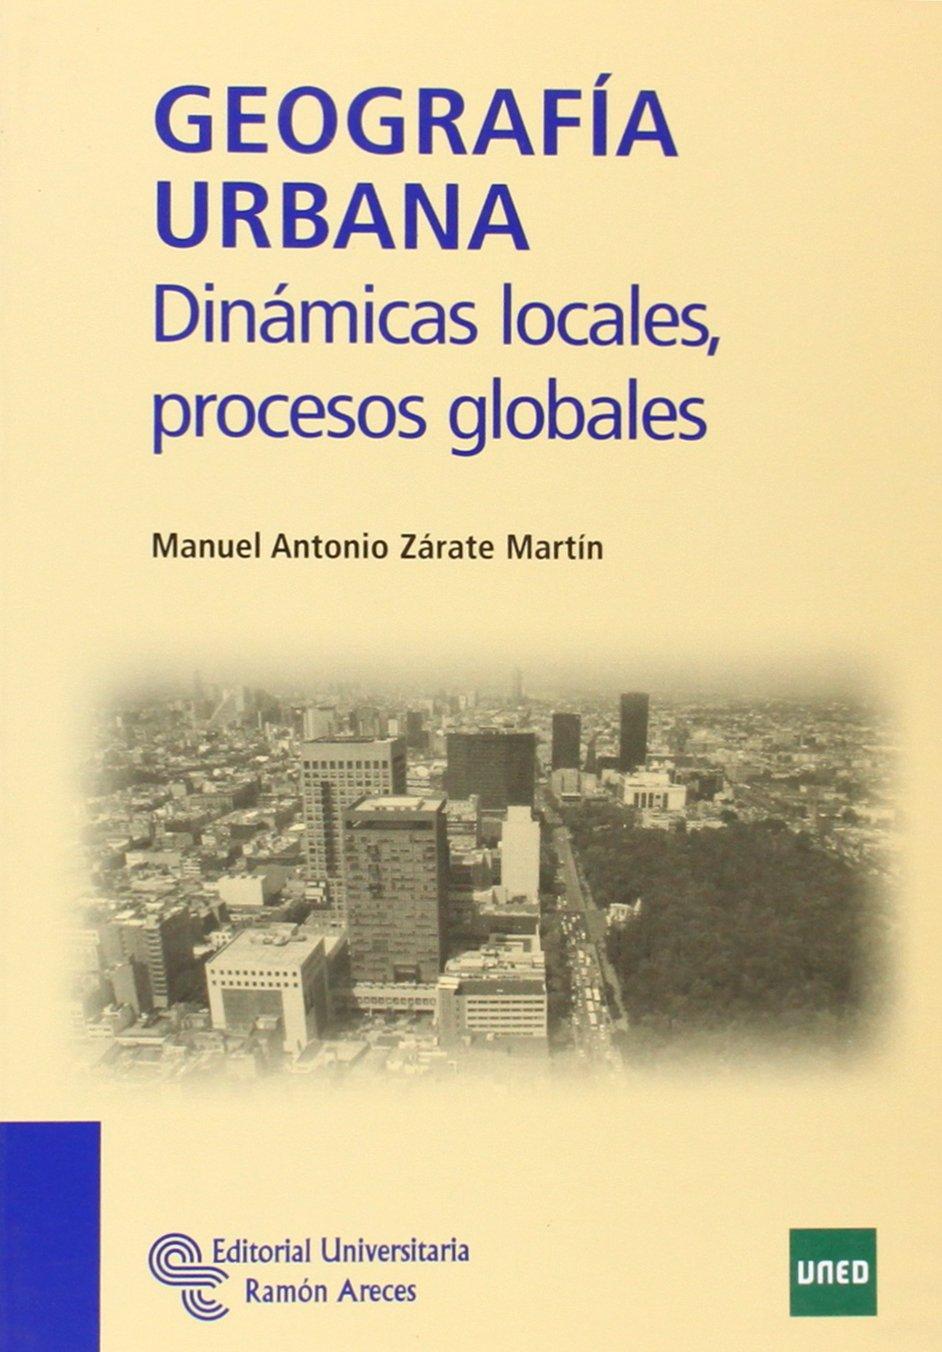 Geografía urbana: Dinámicas locales, procesos globales Manuales: Amazon.es: Zárate Martín, Manuel Antonio: Libros